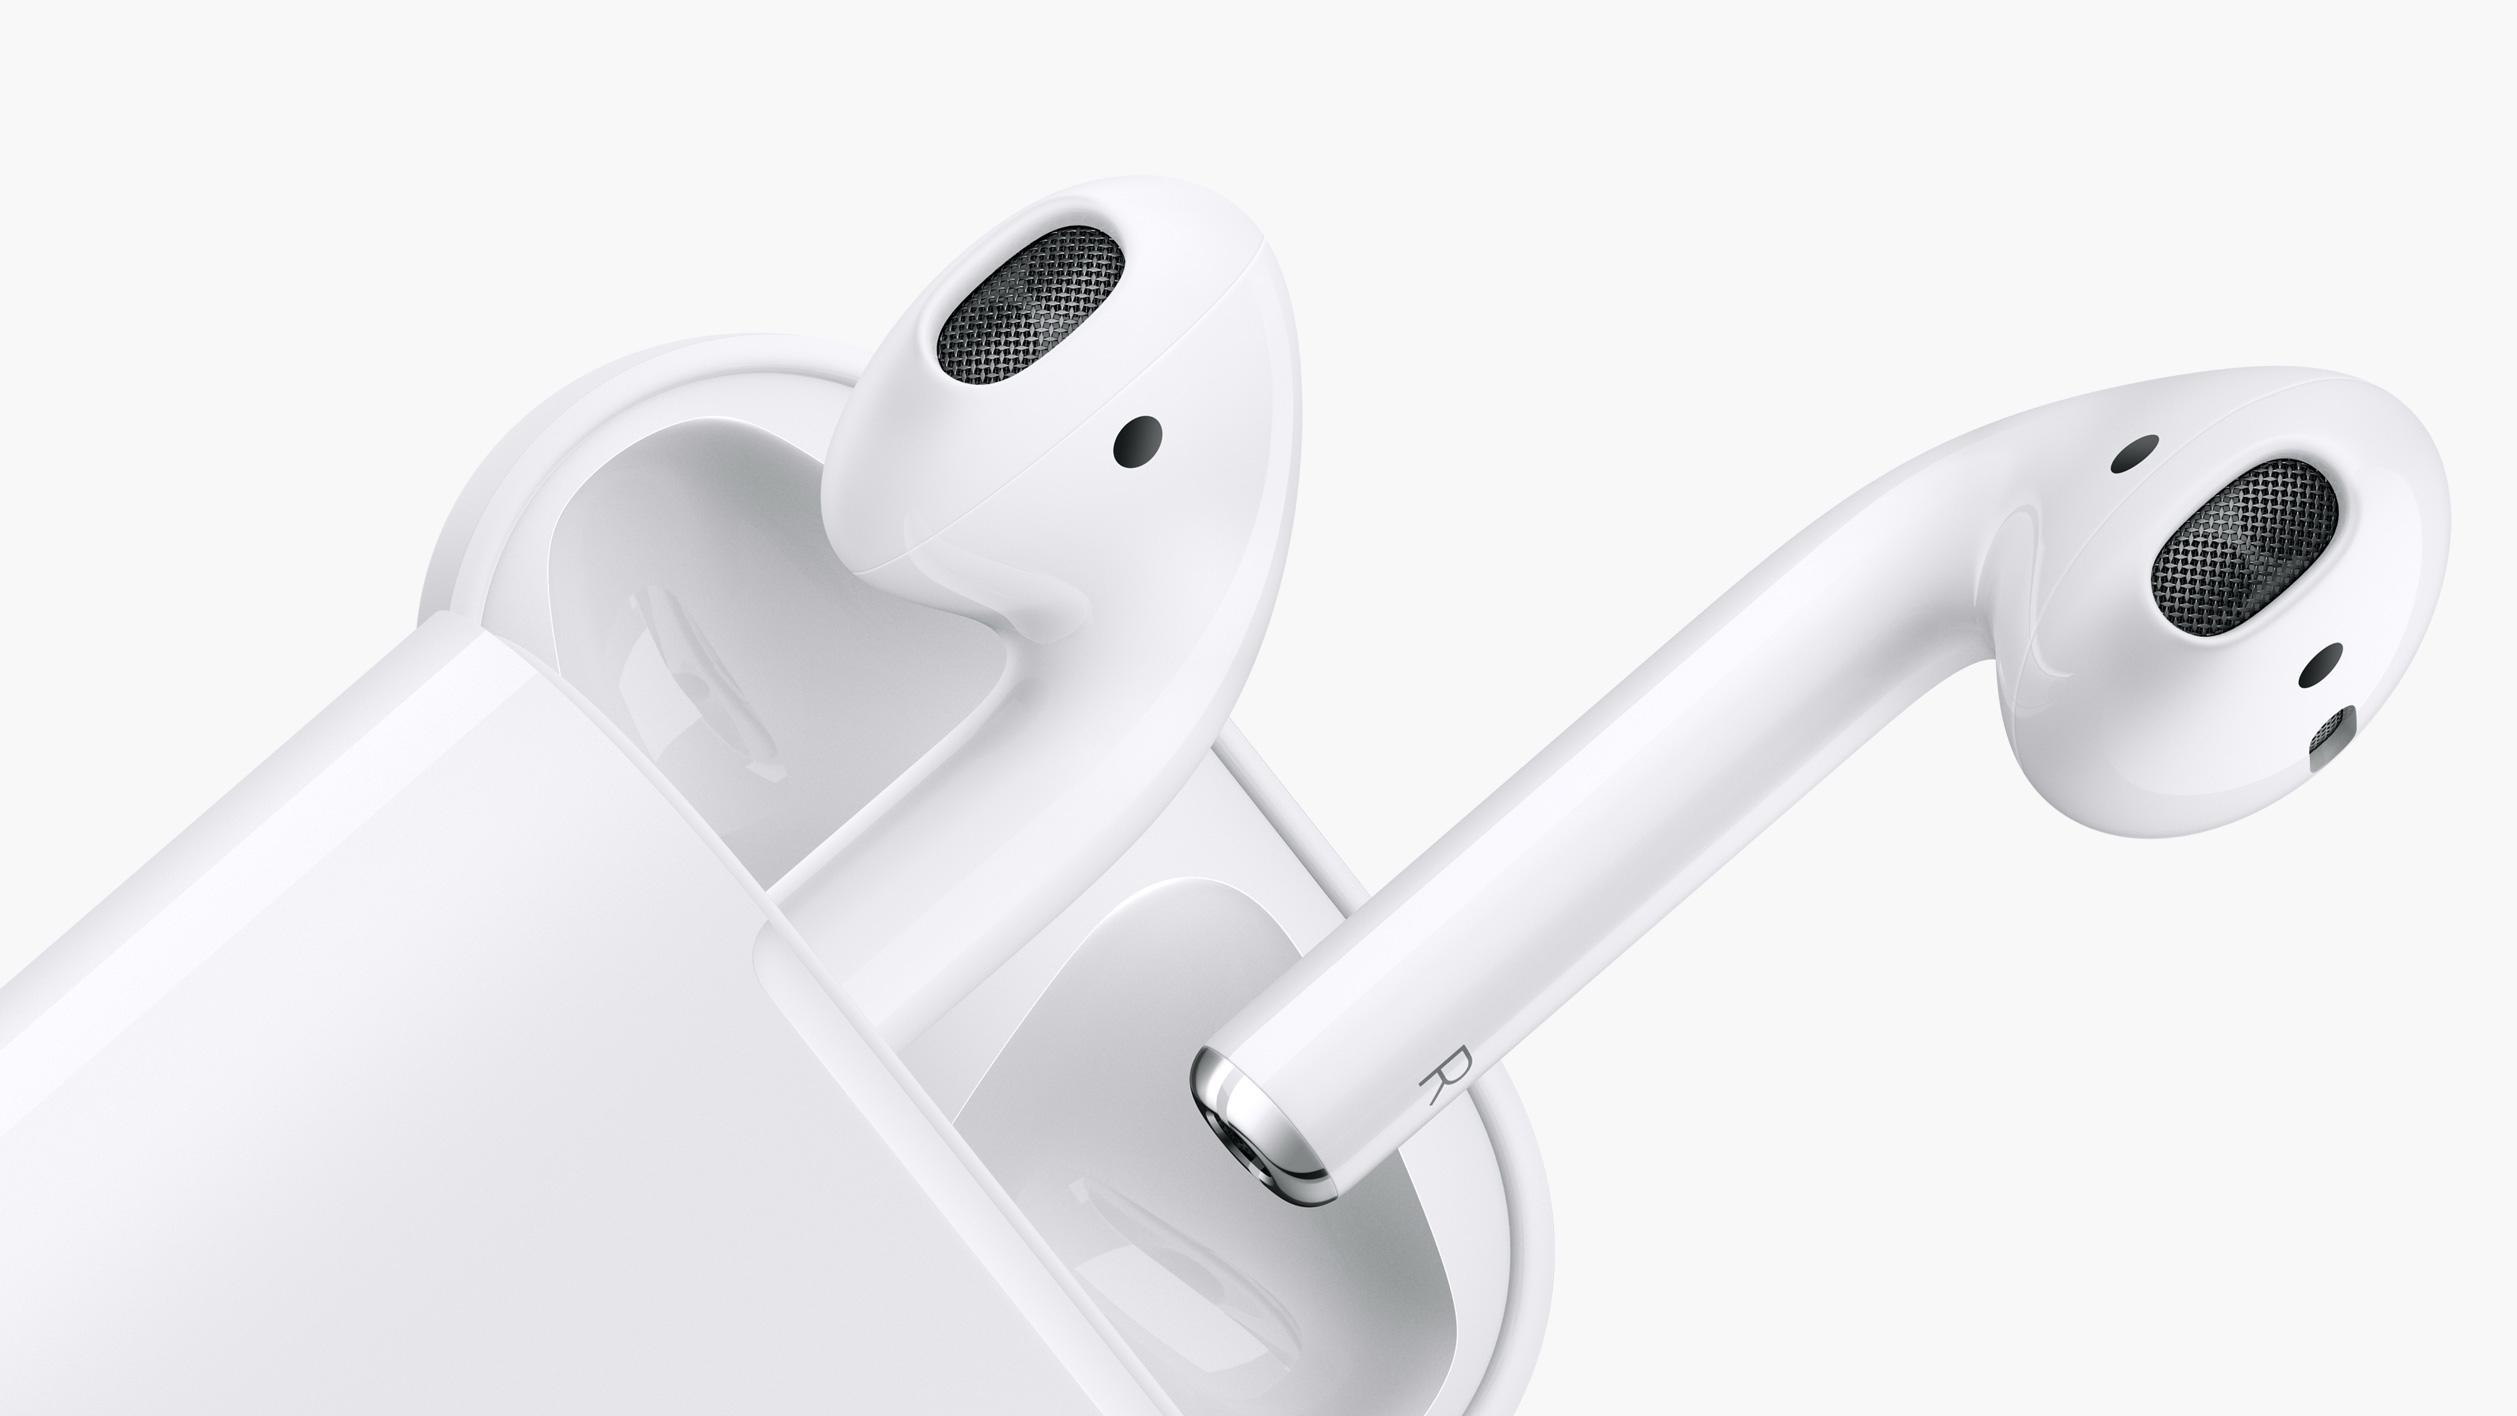 Apple tõi välja uued, kuid väga tuttavad AirPodsid: siin on kõik, mis muutus